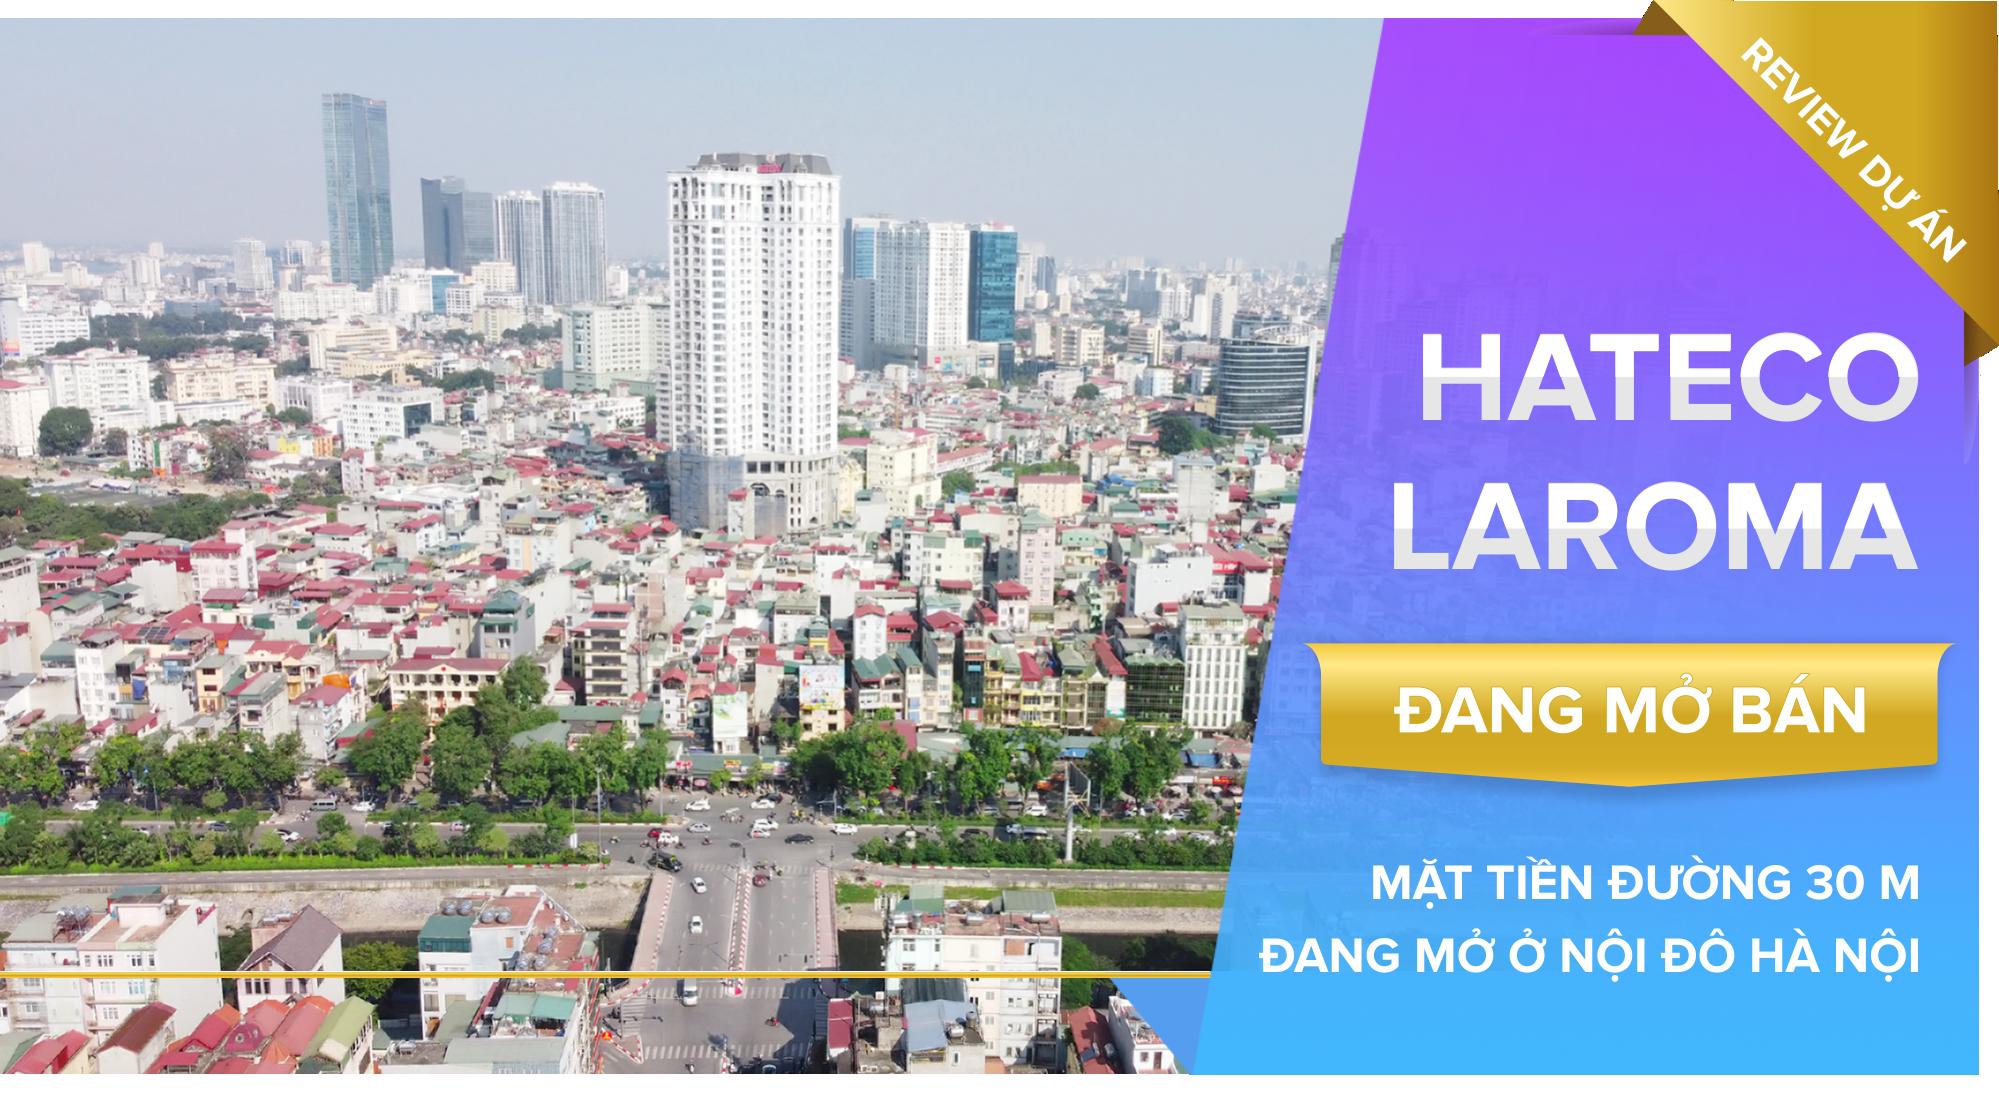 Review dự án Hateco Laroma đang mở bán: Mặt tiền đường 30 m đang mở ở nội đô Hà Nội - Ảnh 1.